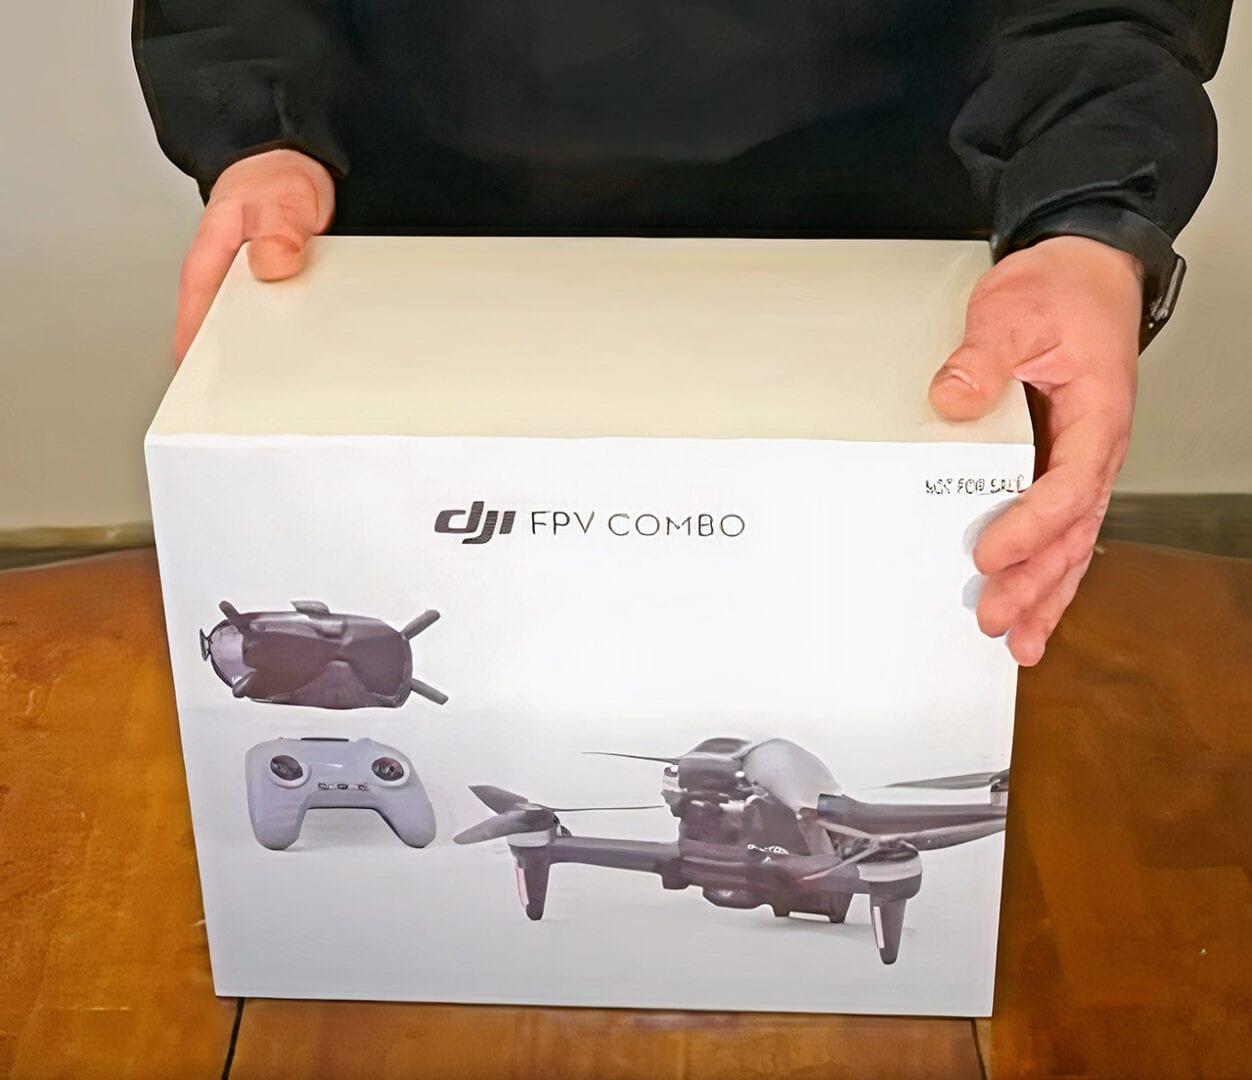 Νέο επαναστατικό DJI FPV drone